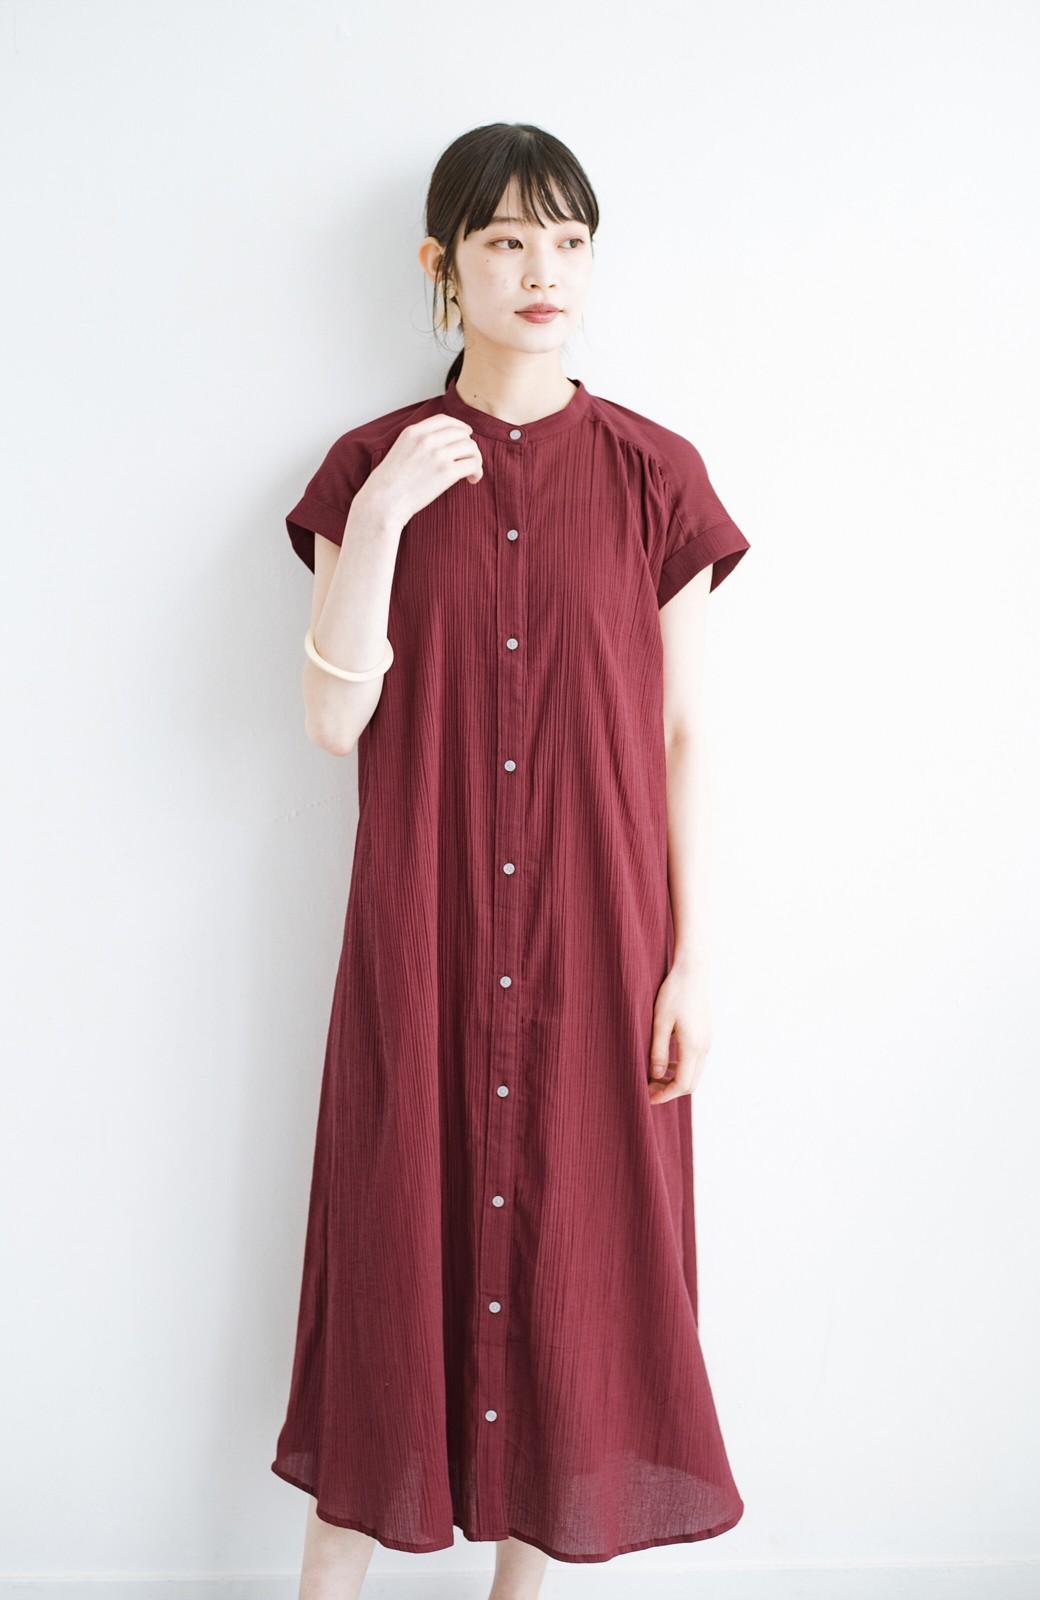 haco! バレずにとことん楽できる 羽織りとしても使える軽やかシャツワンピース <レッド>の商品写真5